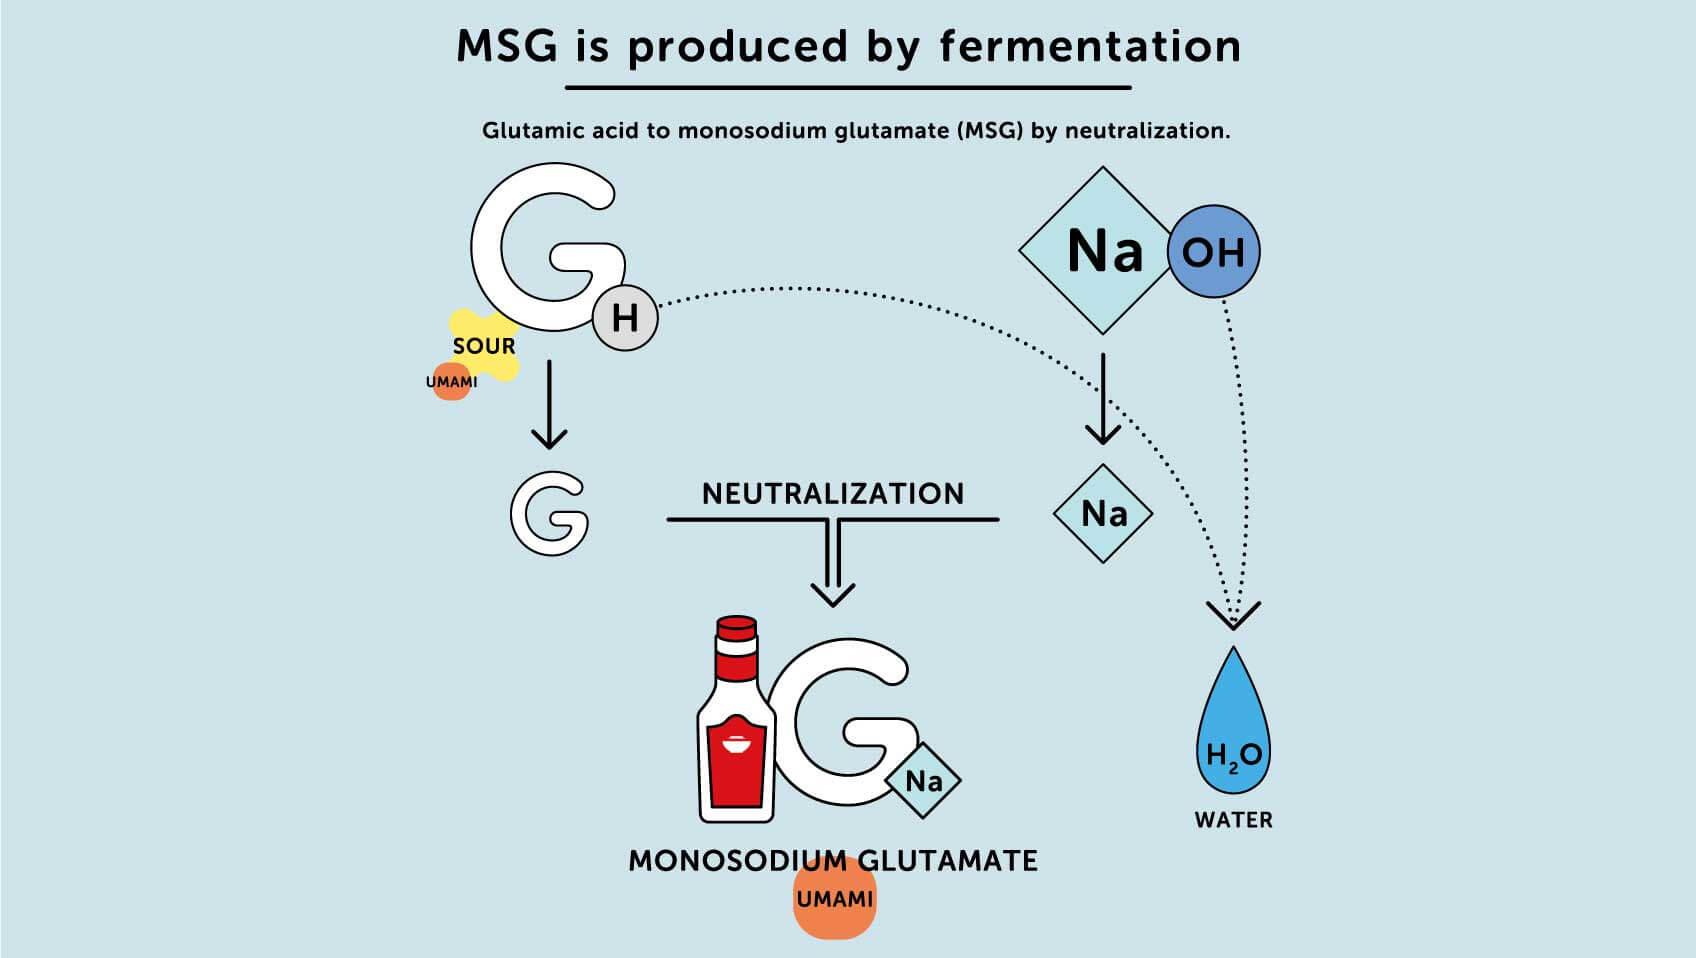 Msg est produit par fermentation